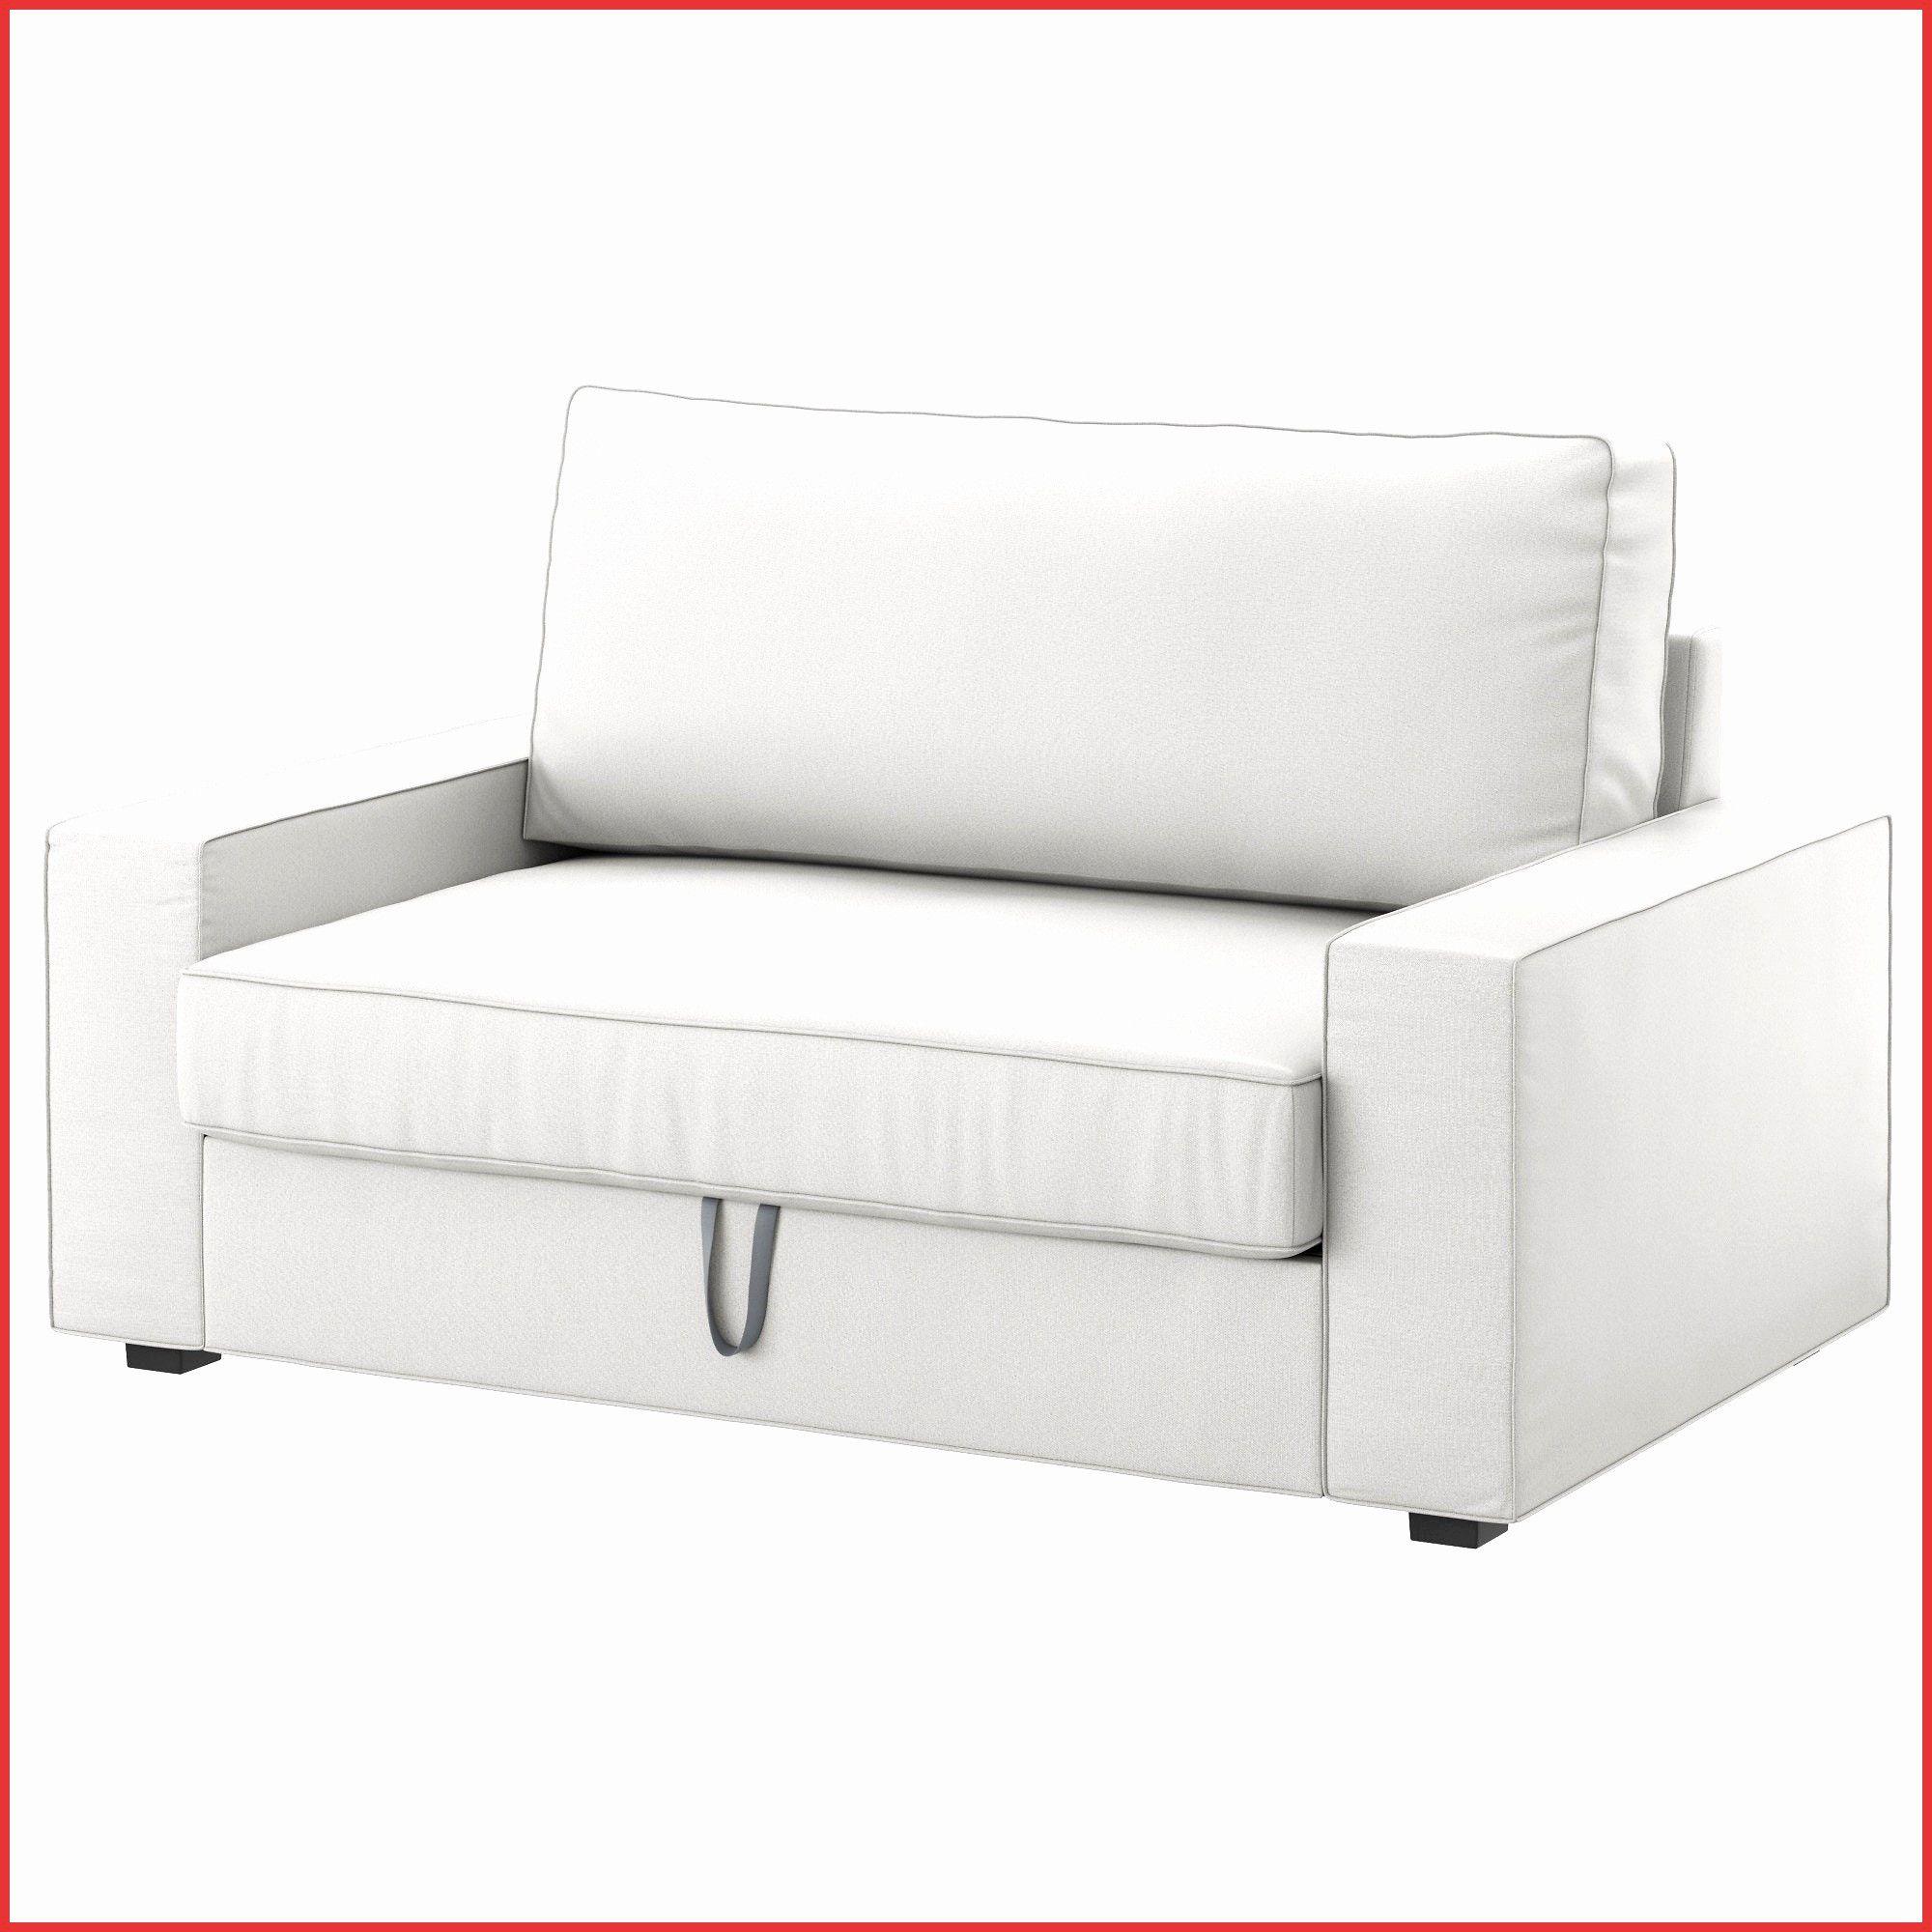 Fresh Housse Pour Clic Clac Conforama Lit Ikea Canape Ektorp Canape Convertible Design